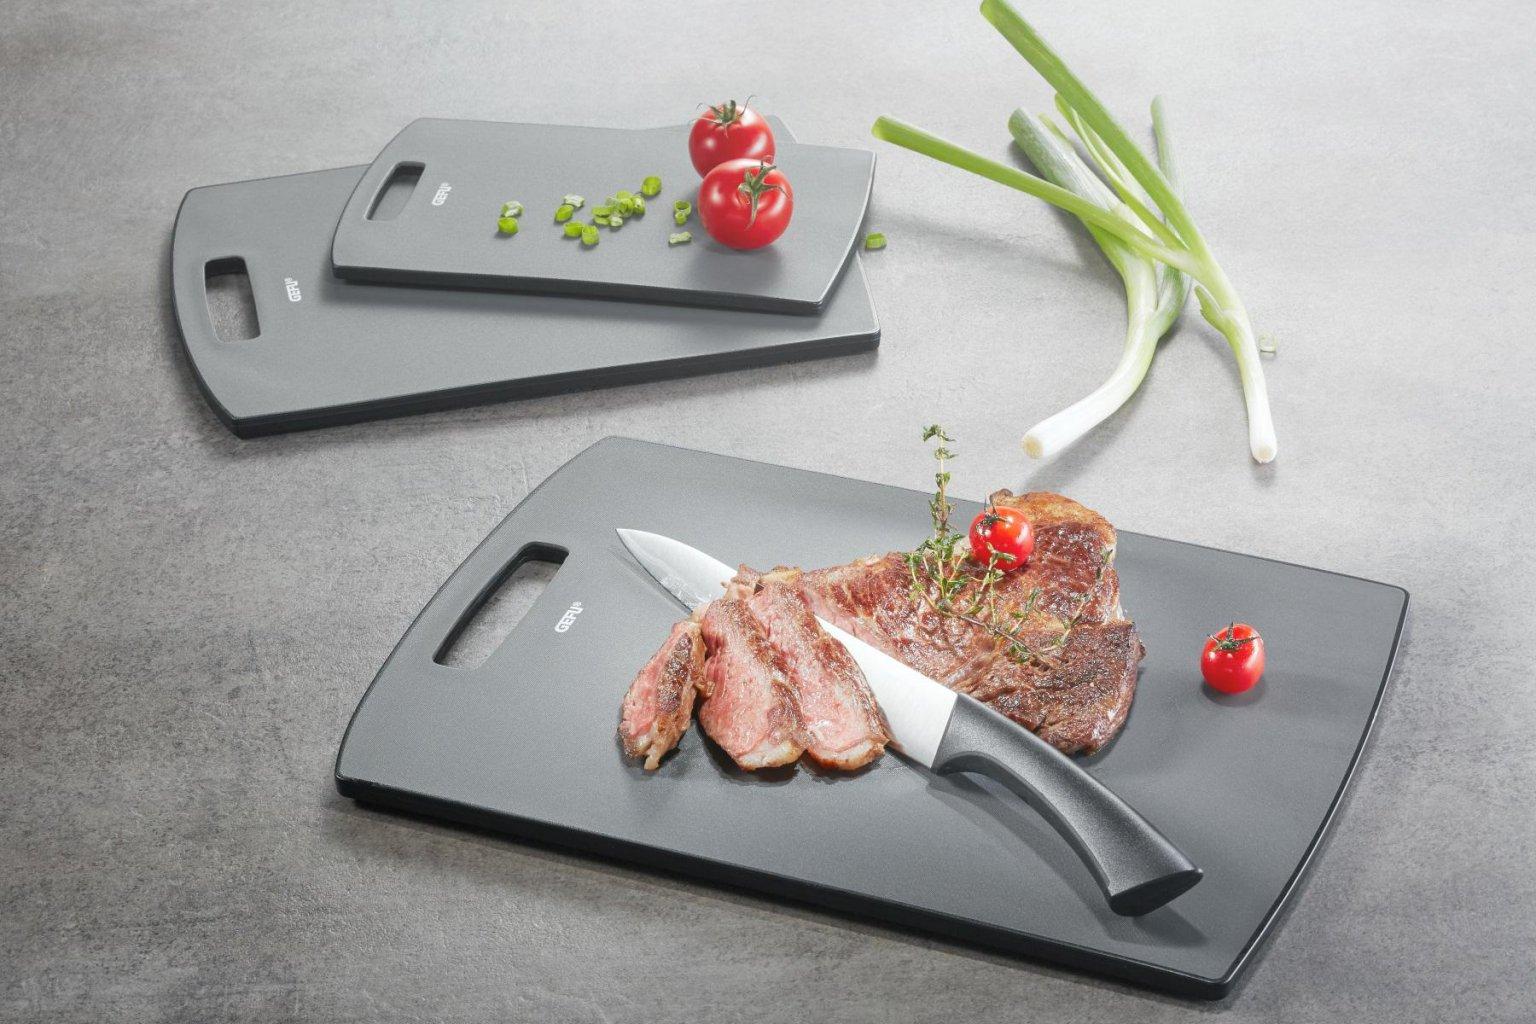 деревянная доска для кухни